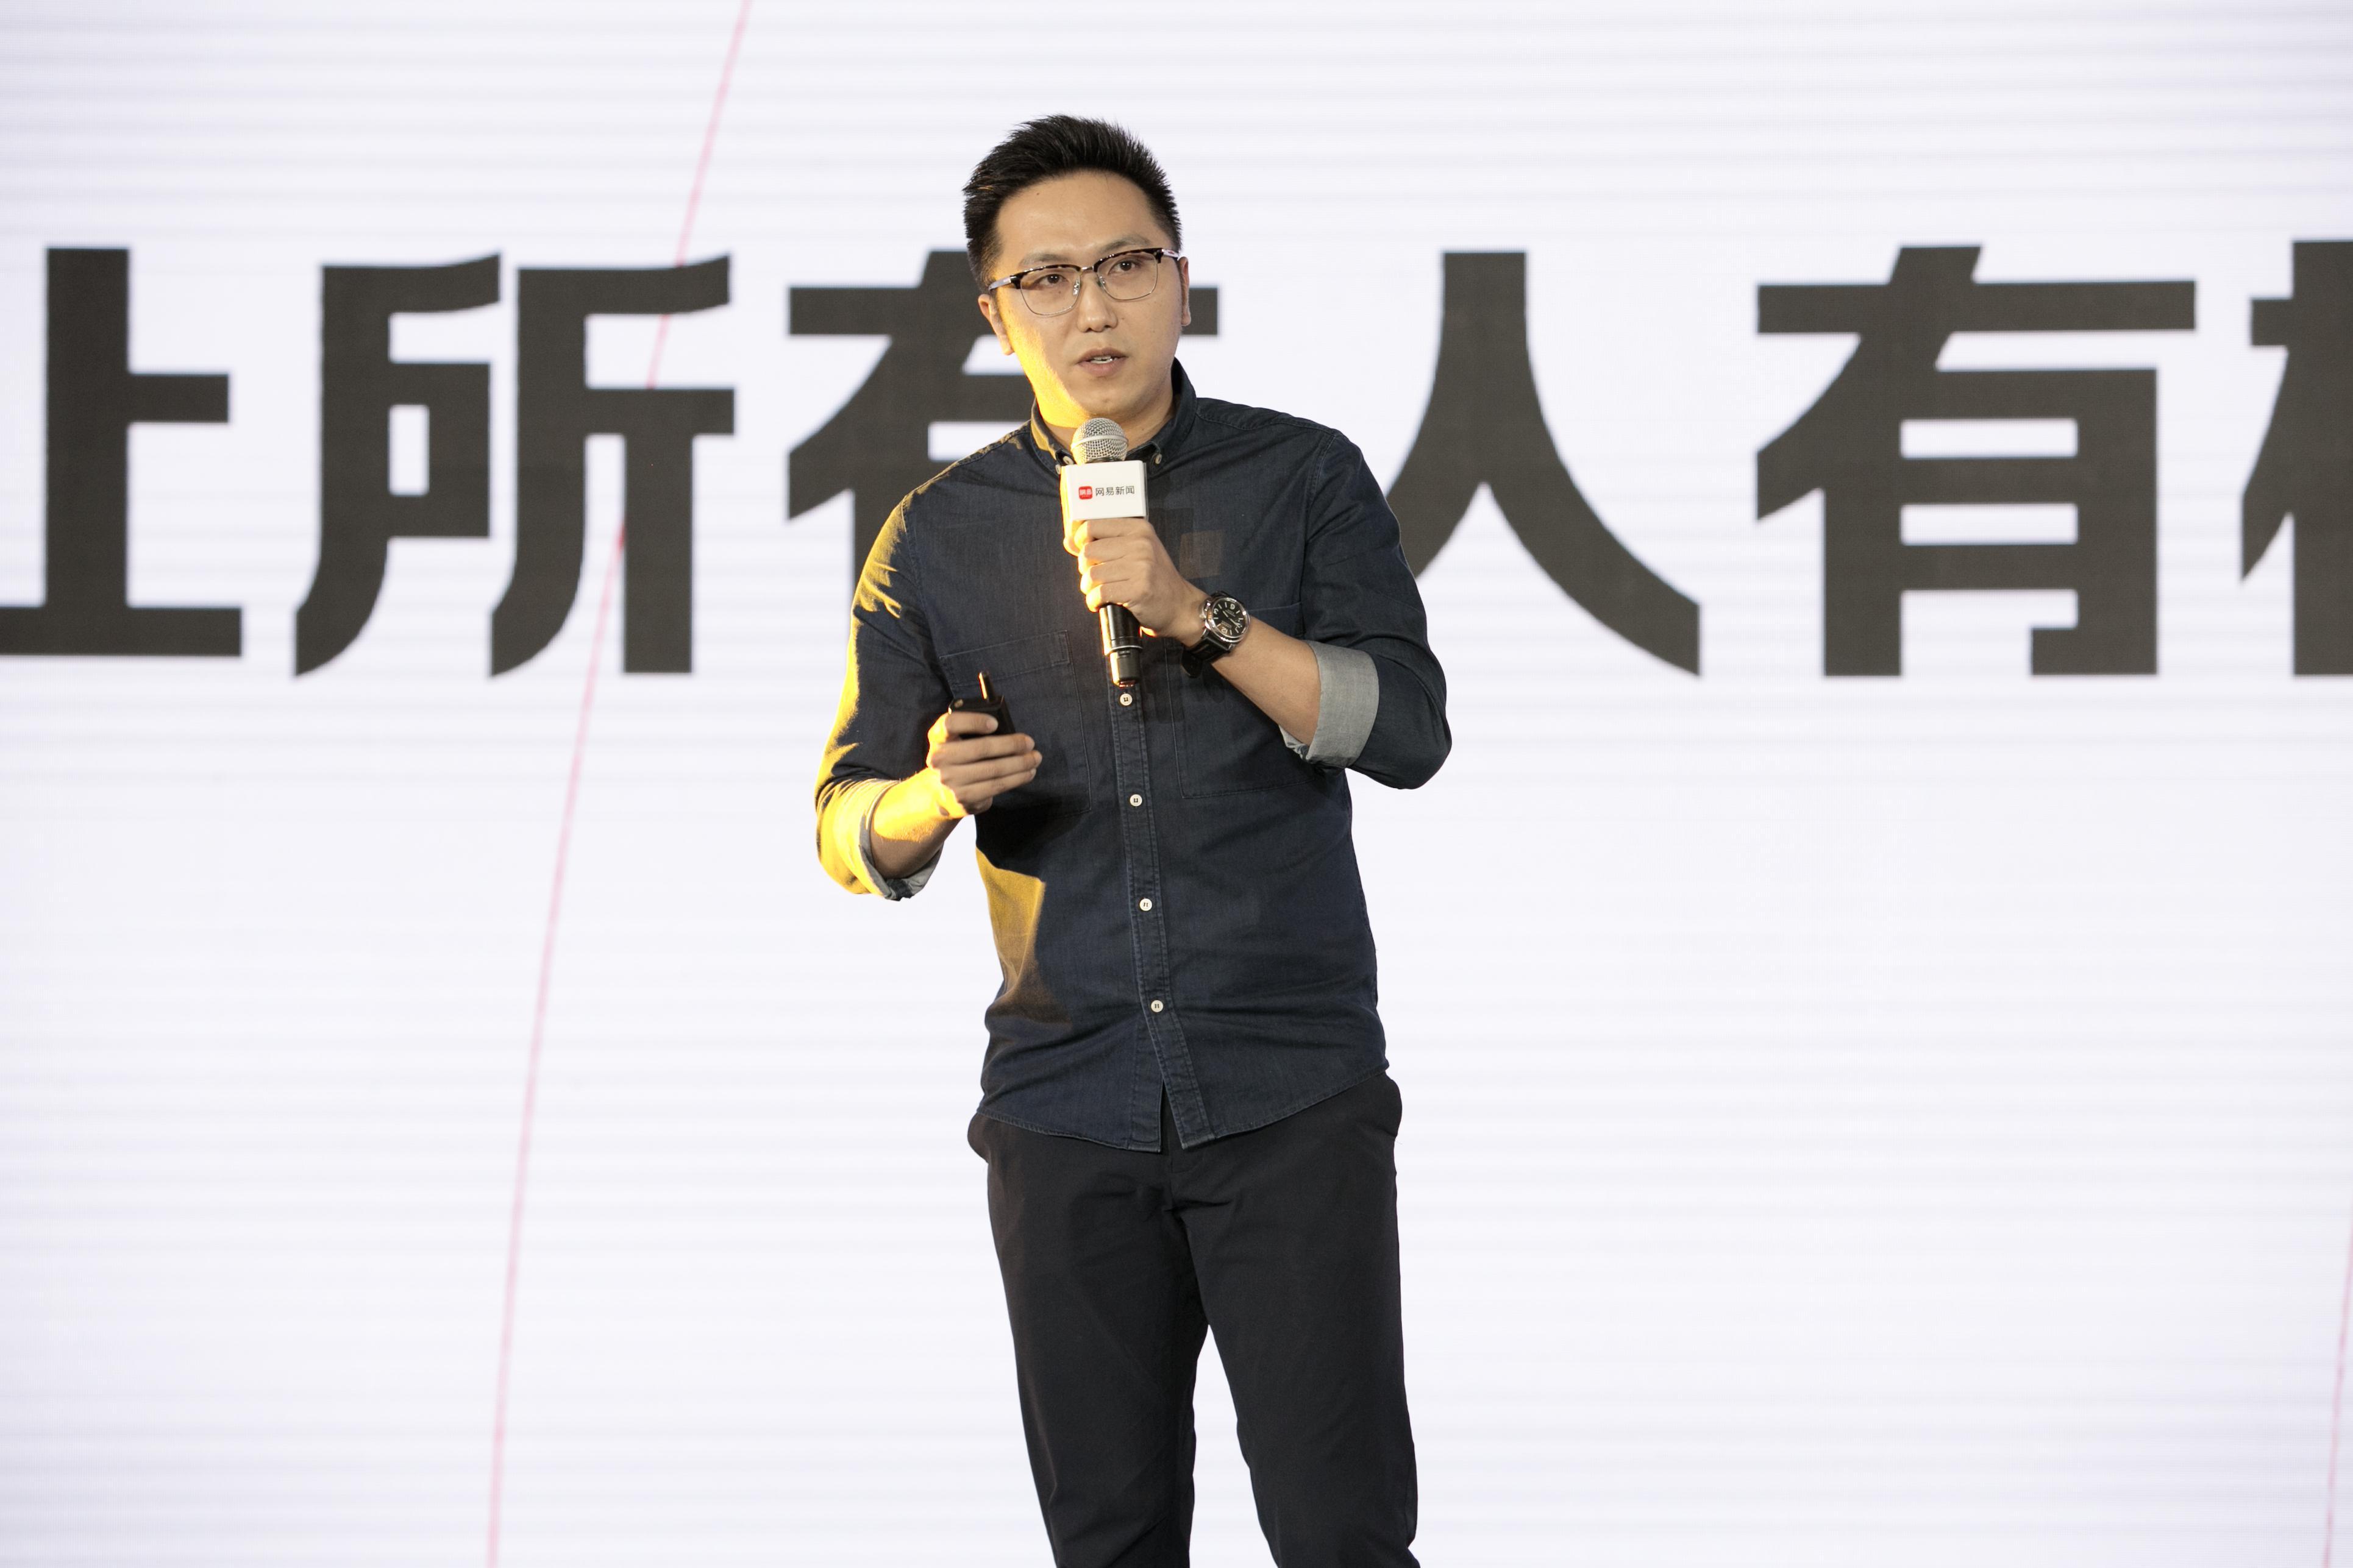 顾晓琨:网易公开课要成为用户终身学习的泛知识平台